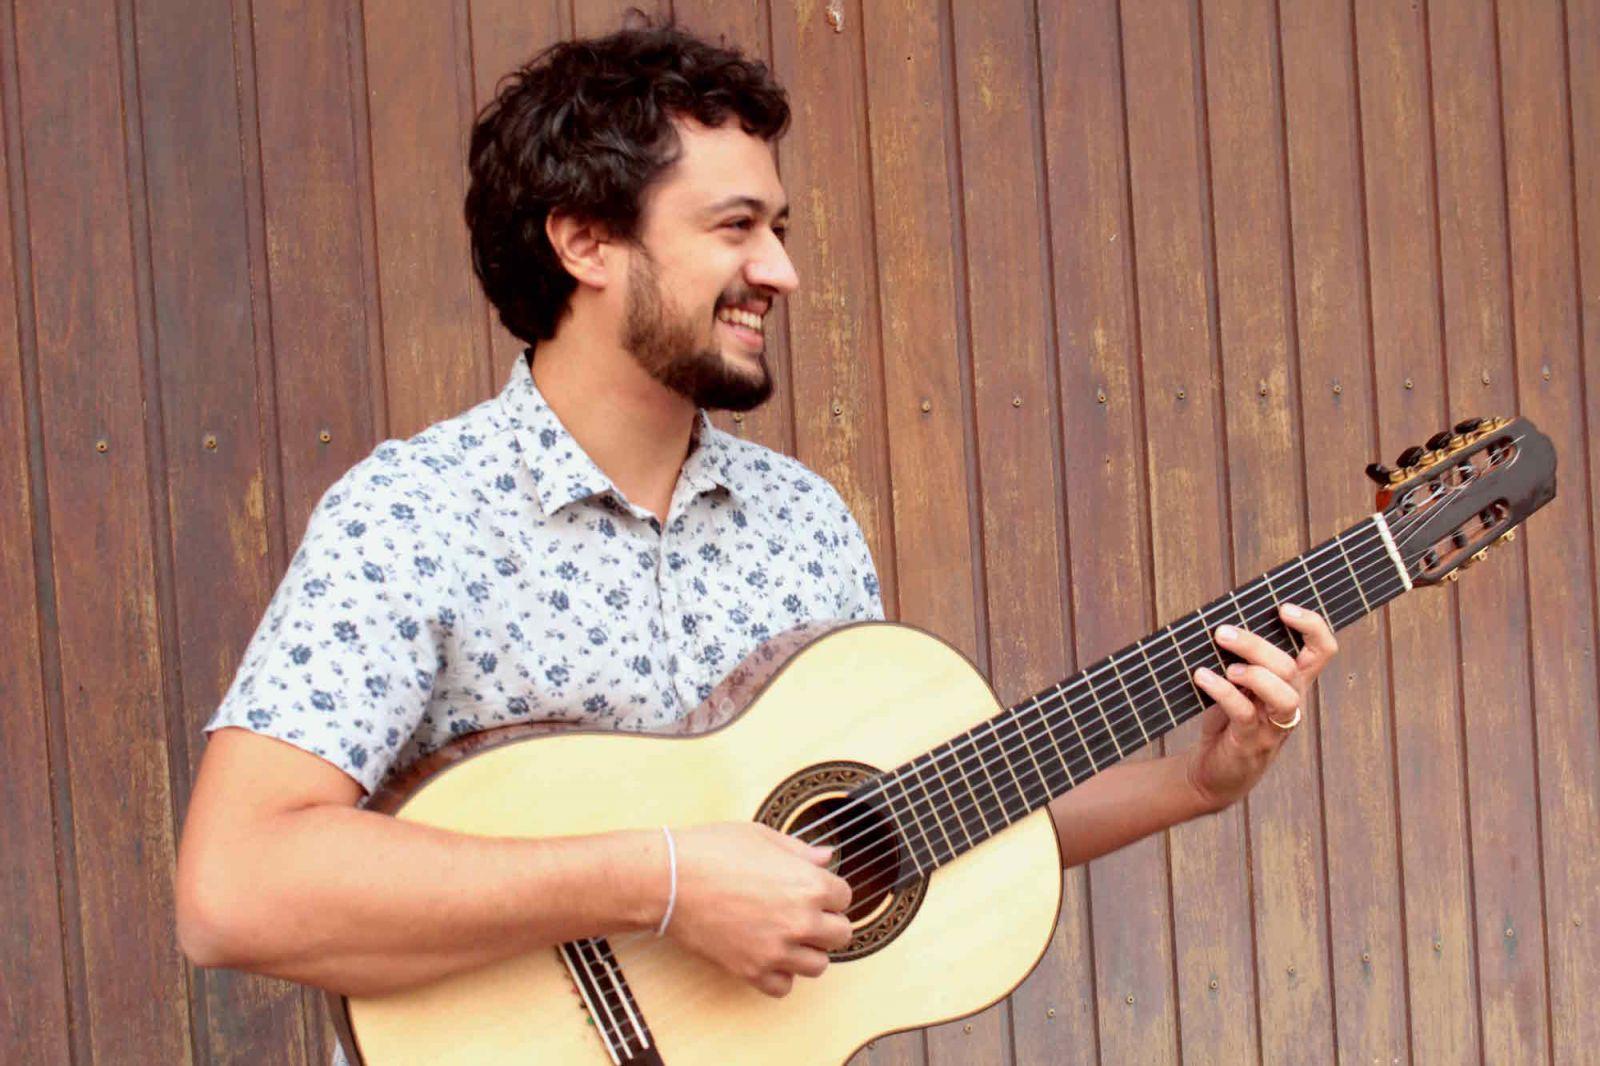 I Festival de 7 Cordas é destaque neste domingo (12/01)